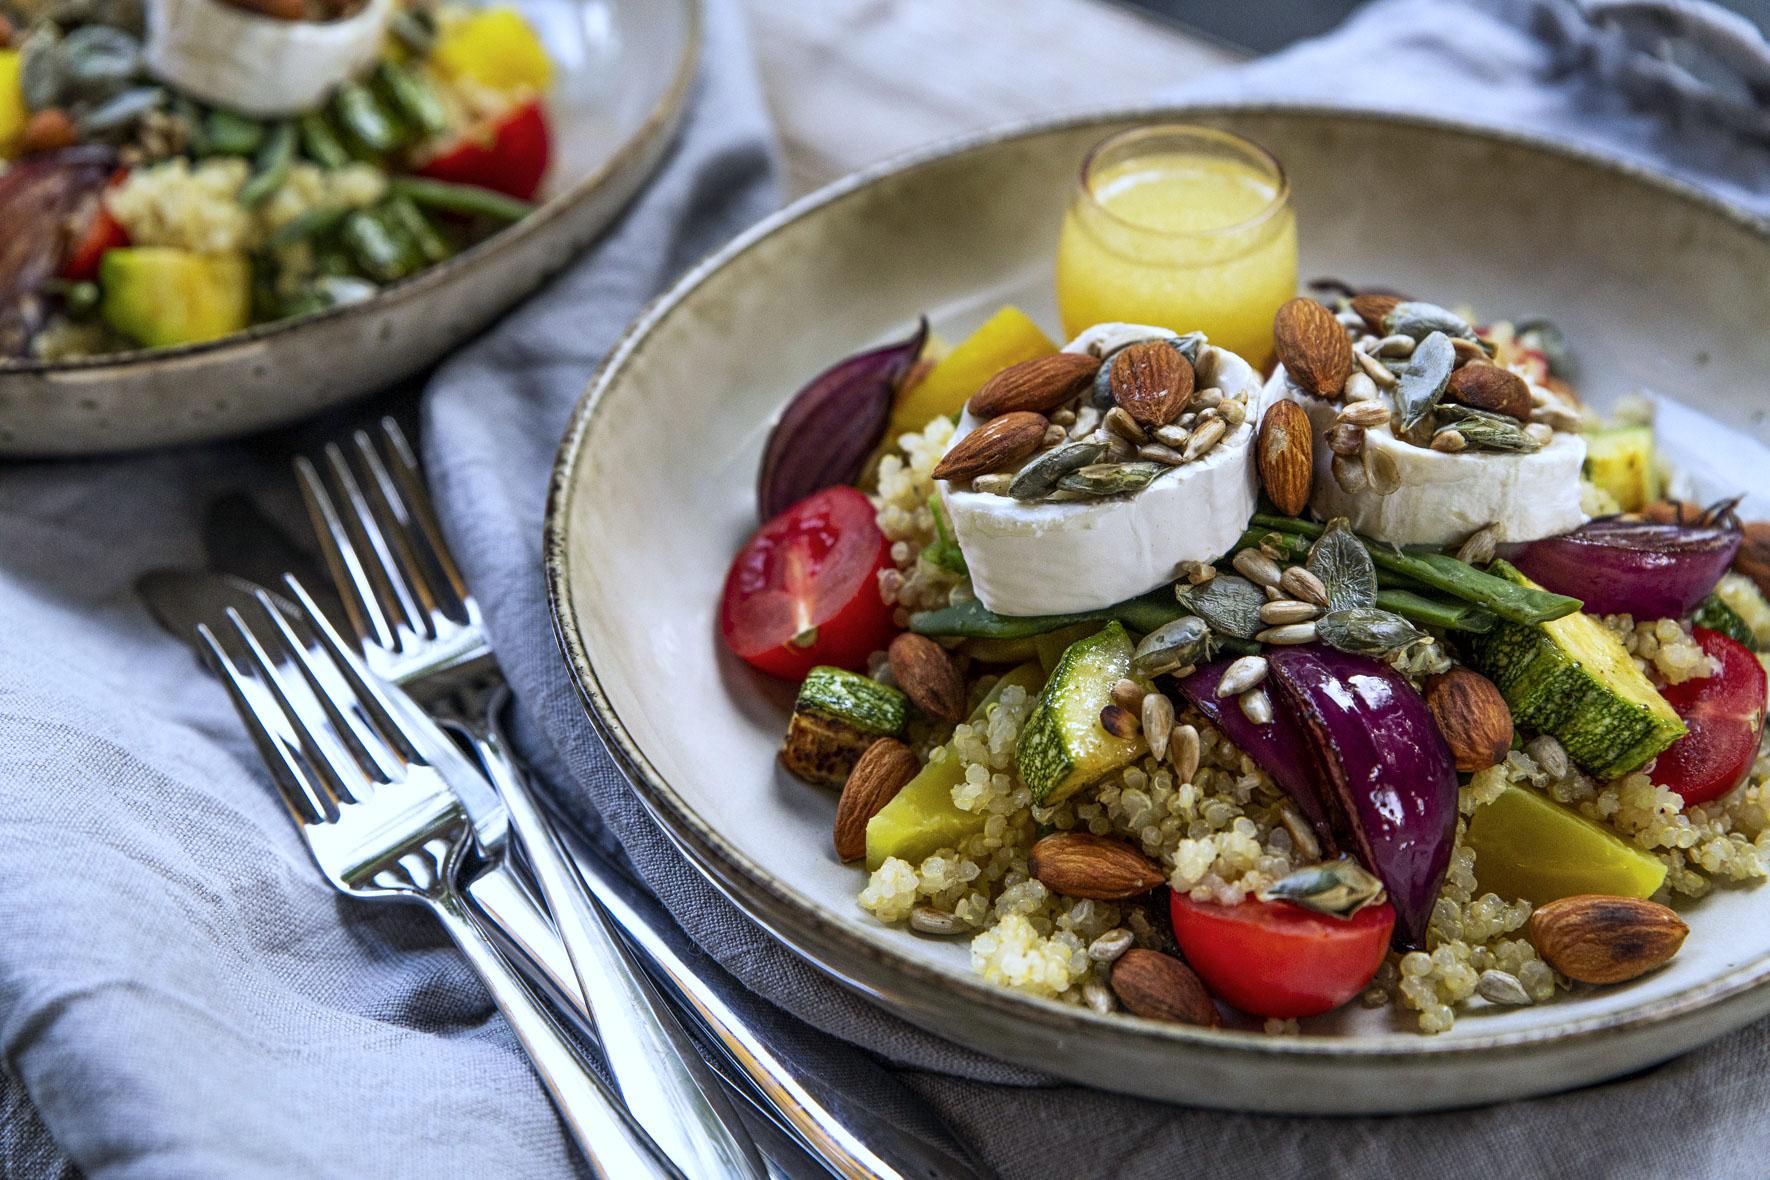 Quinoasallad med blandade grönsaker, chèvre och citrondressing